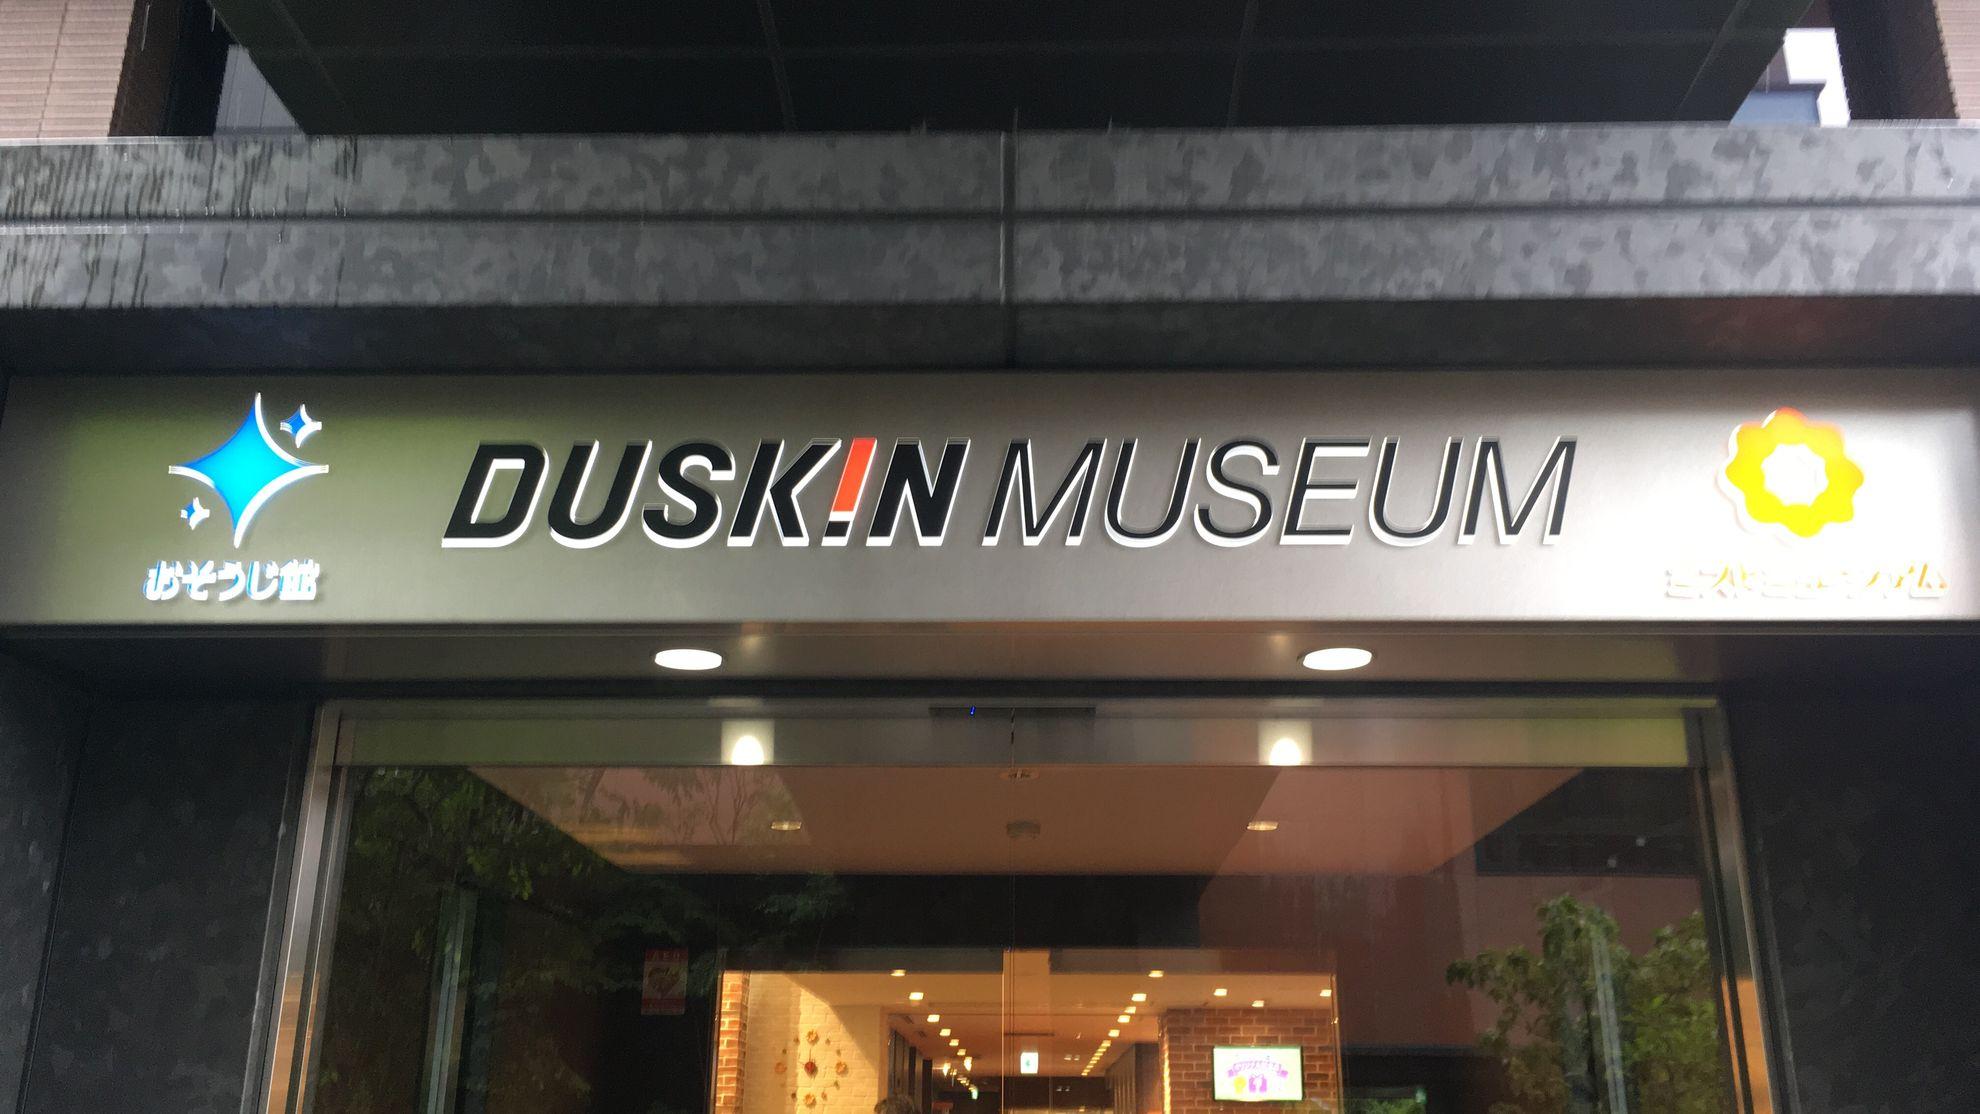 ダスキンミュージアムの外観